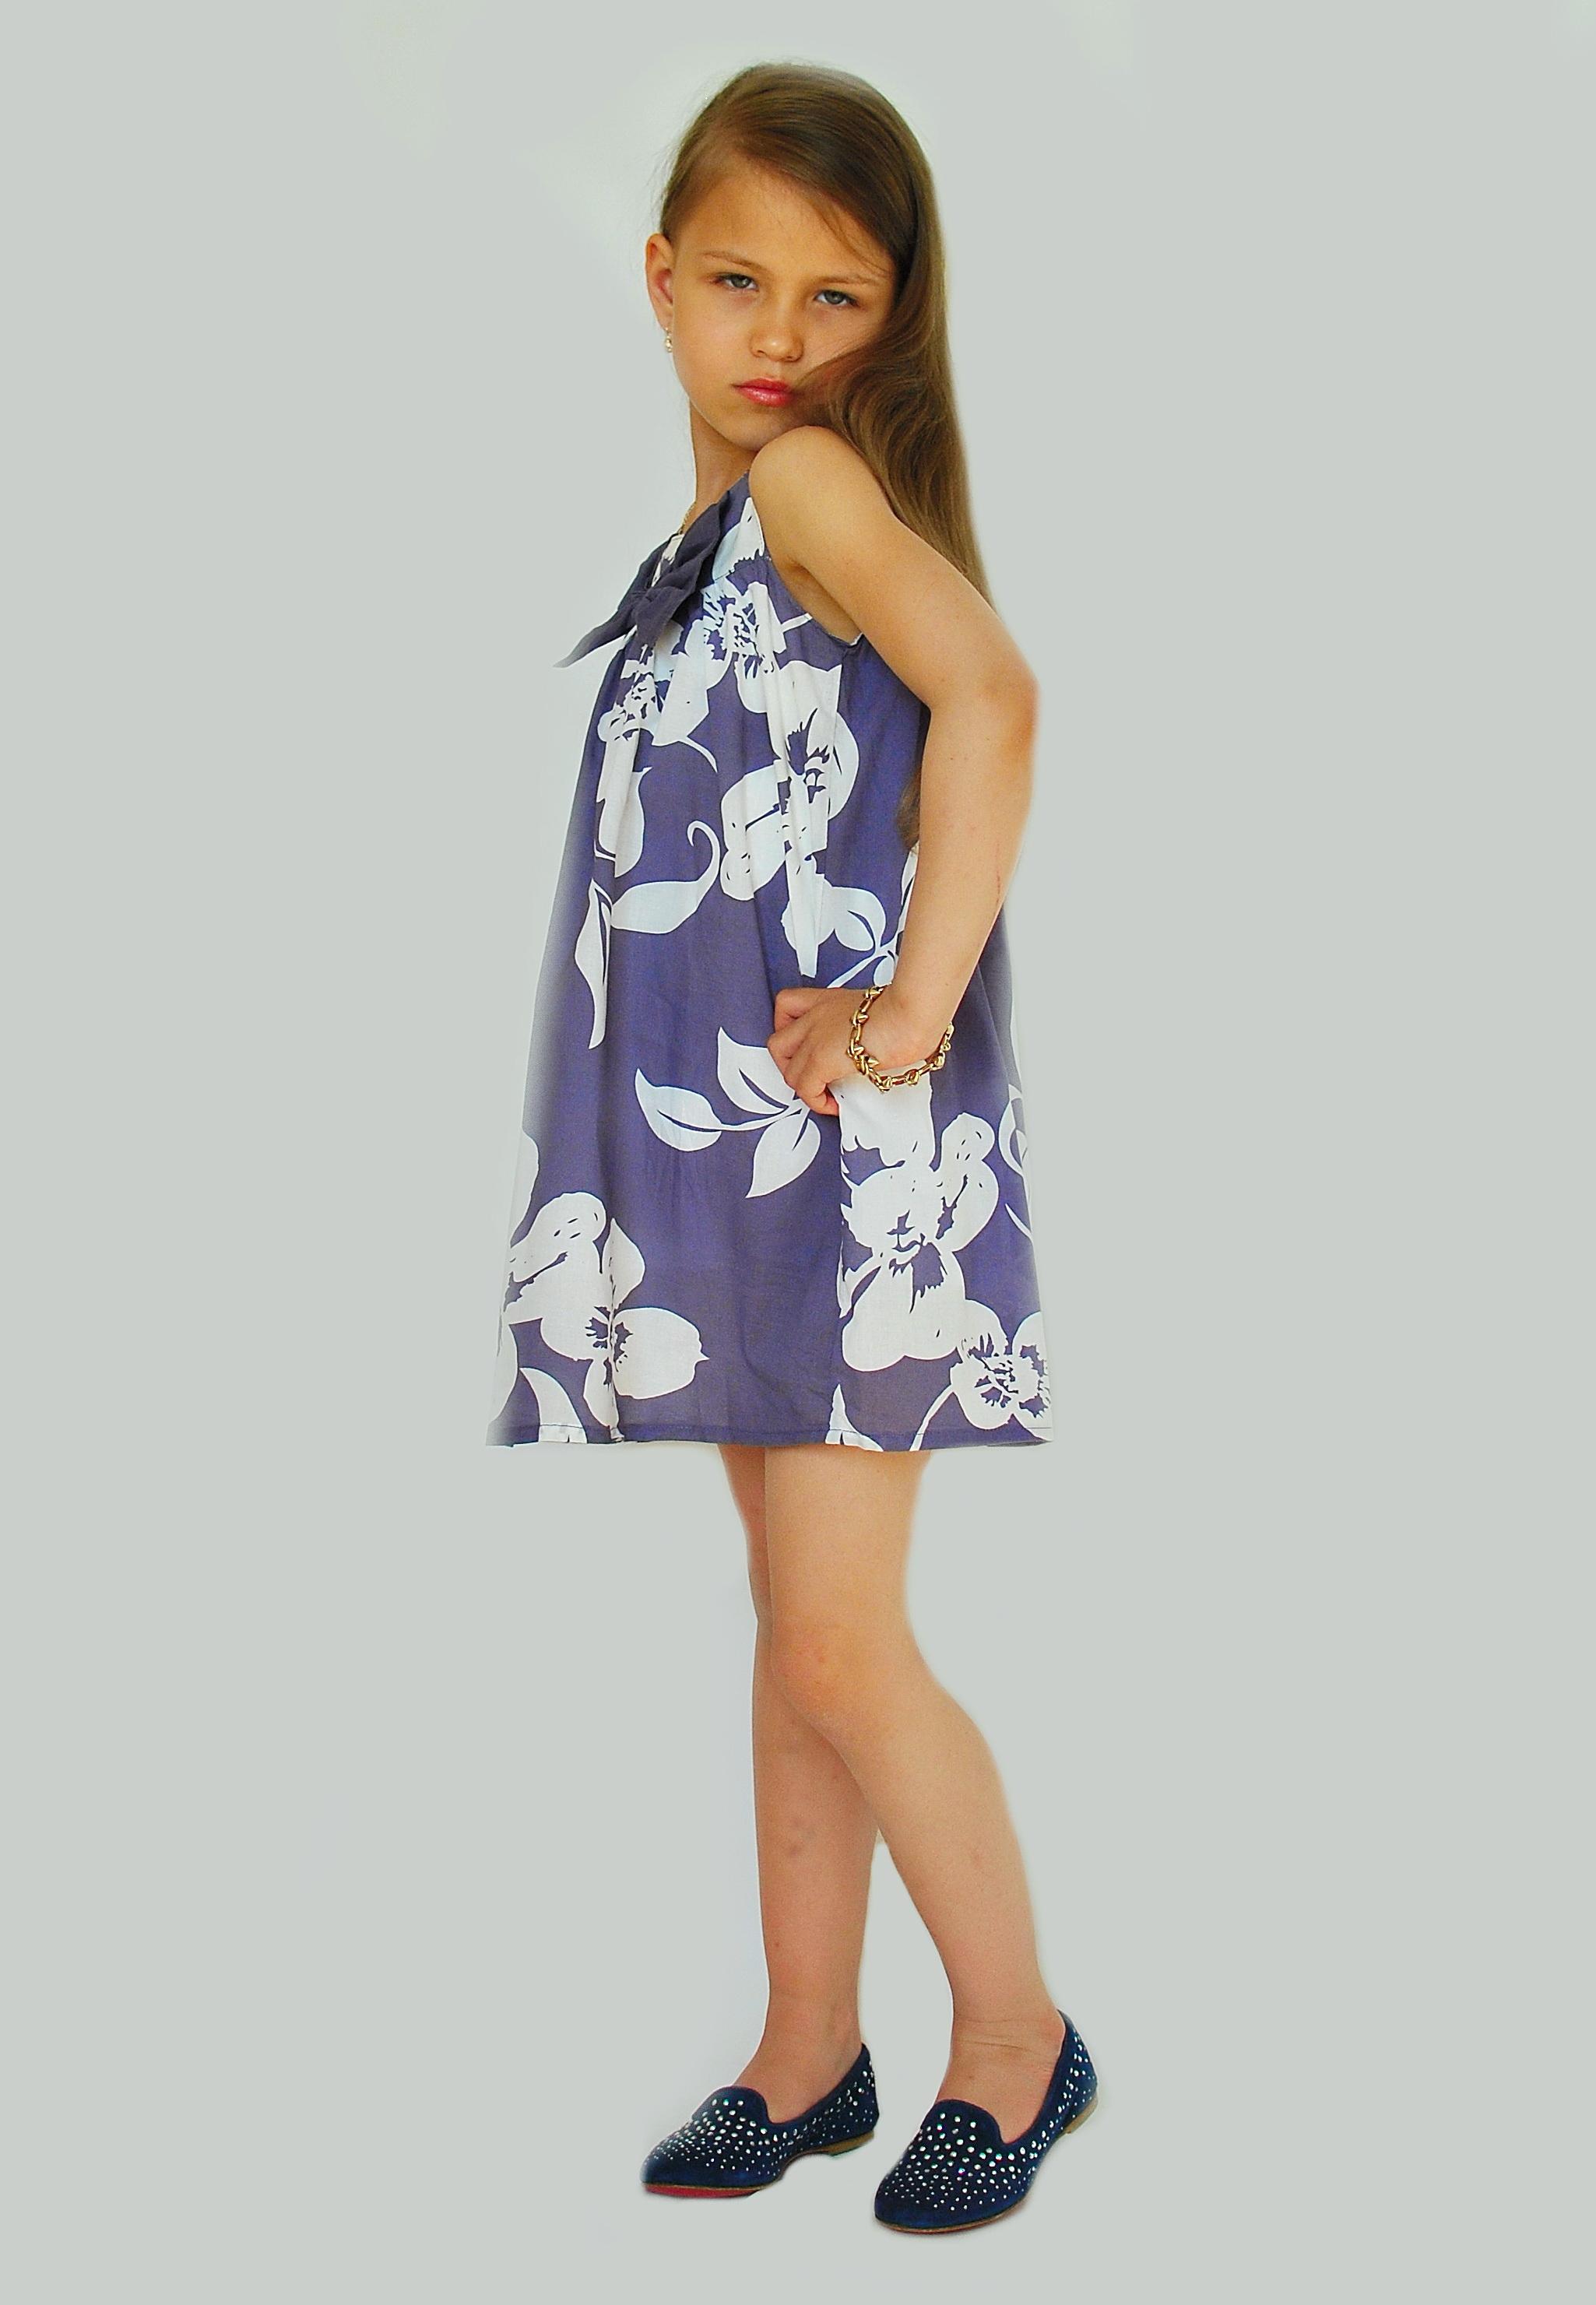 Фото 4: Яркое платье GUESS